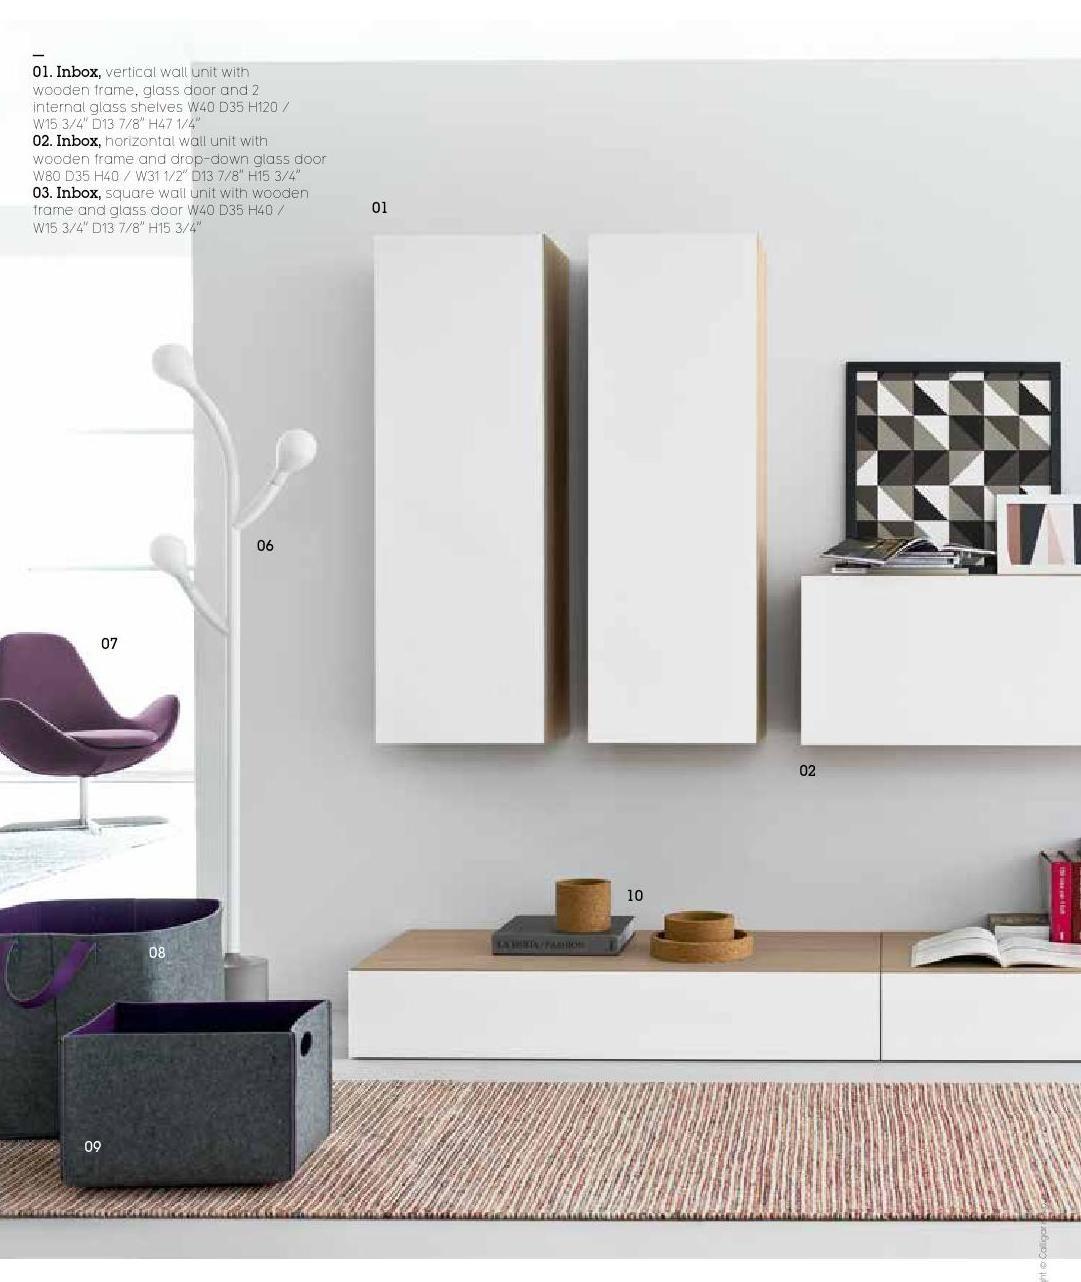 My Home Calligaris Studio Schreiter\'s in Kitchener | Studio